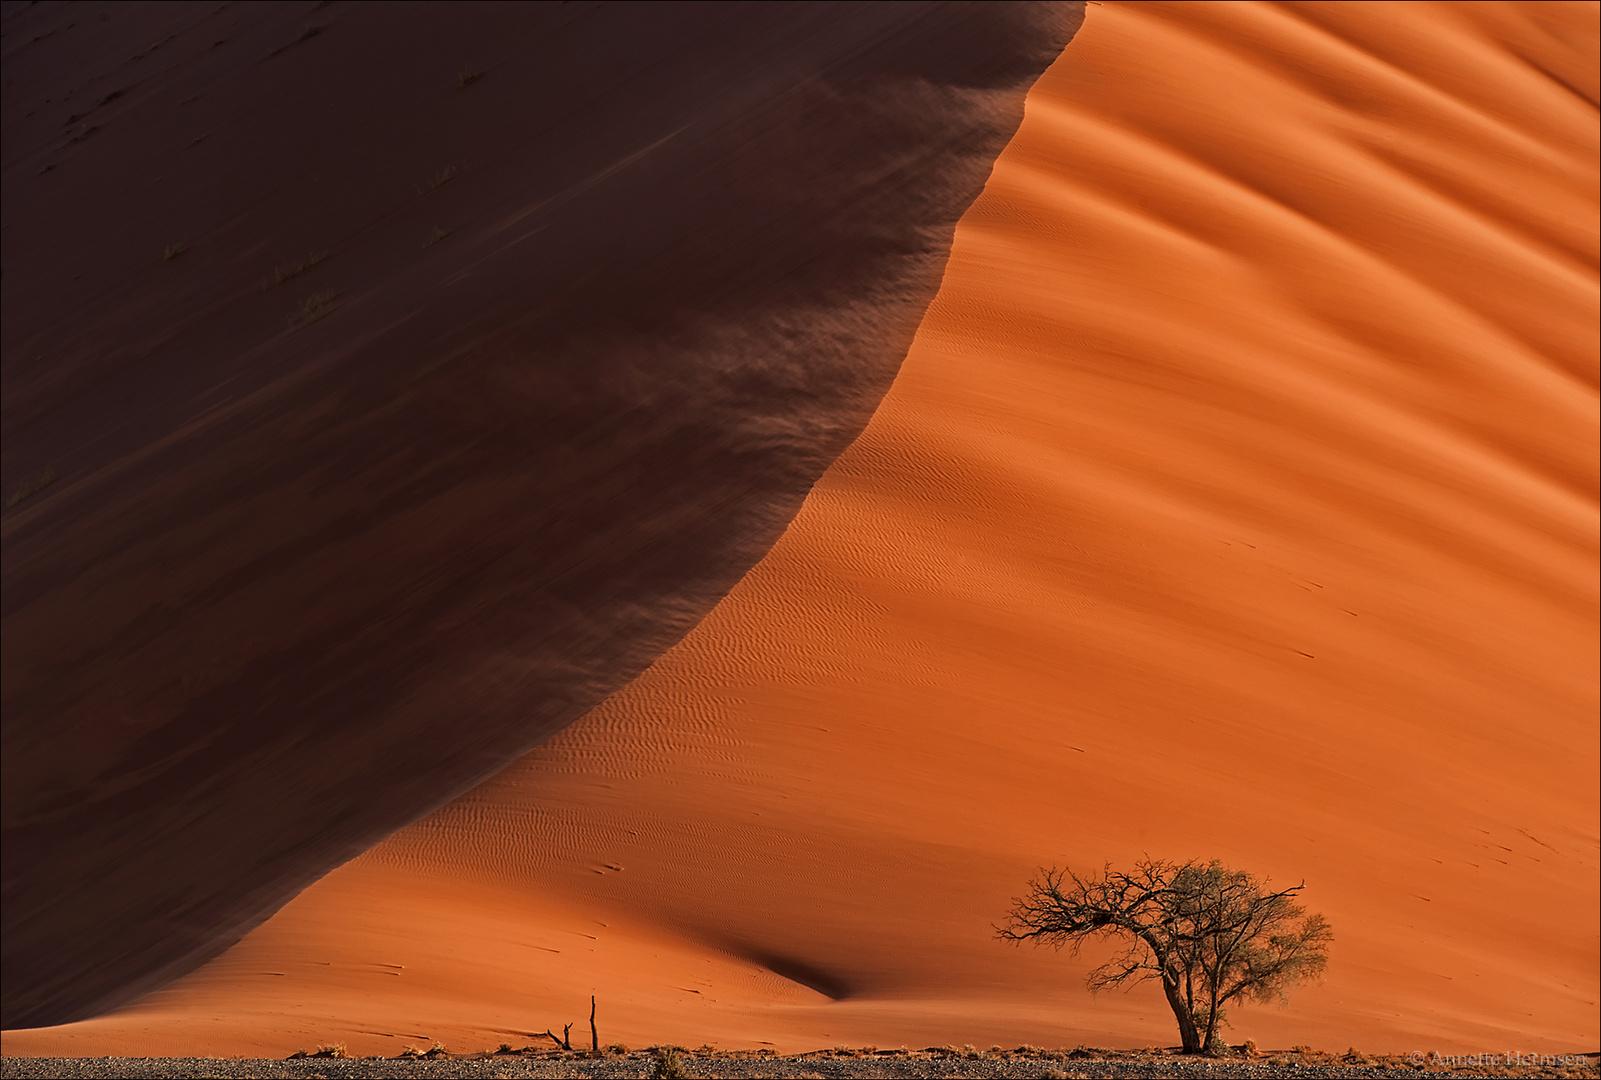 Jenseits von Afrika [20] - Windy days